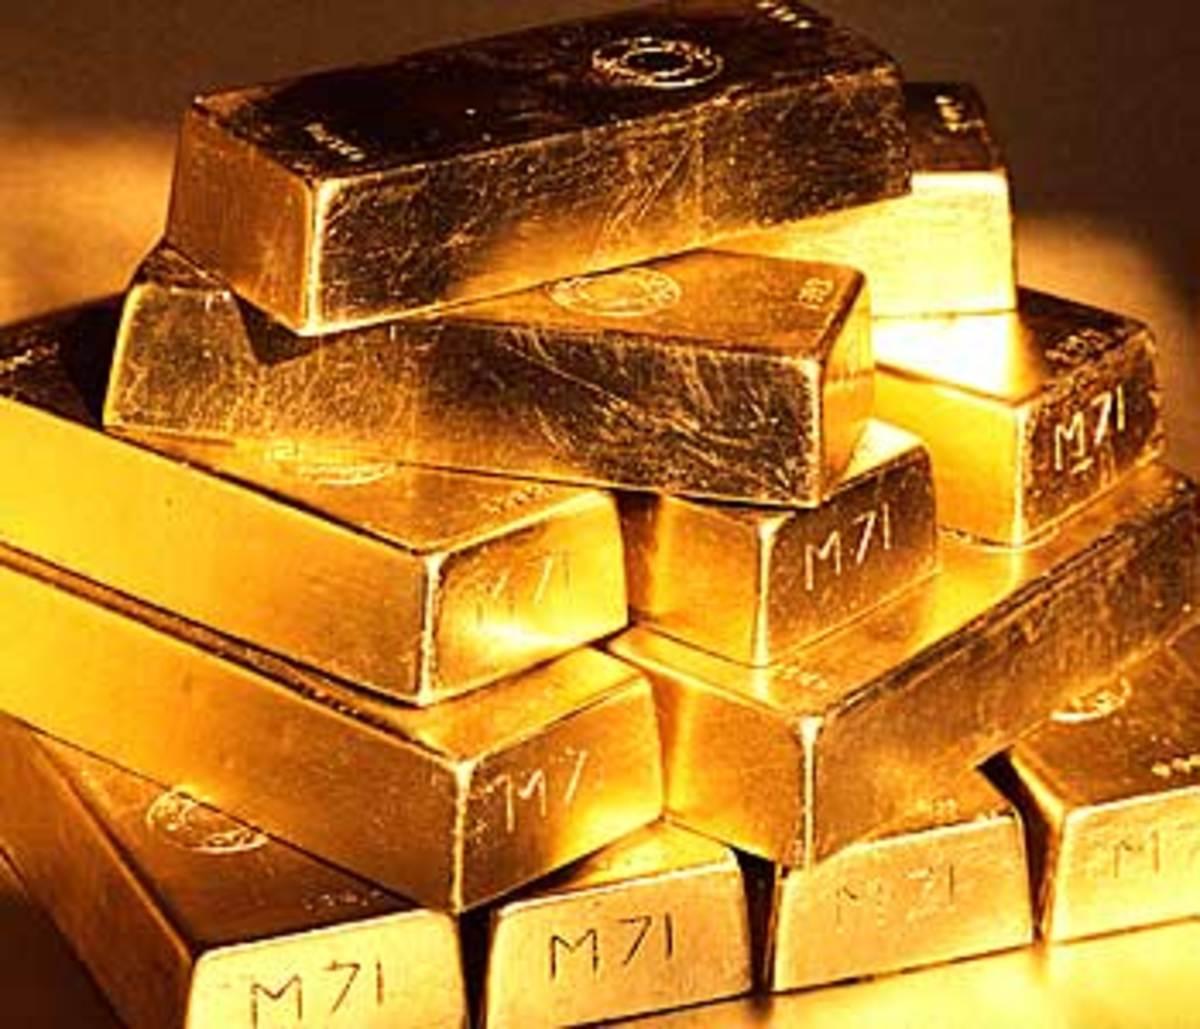 Εξαφανίστηκε πλοίο με 700 τόνους χρυσού! | Newsit.gr